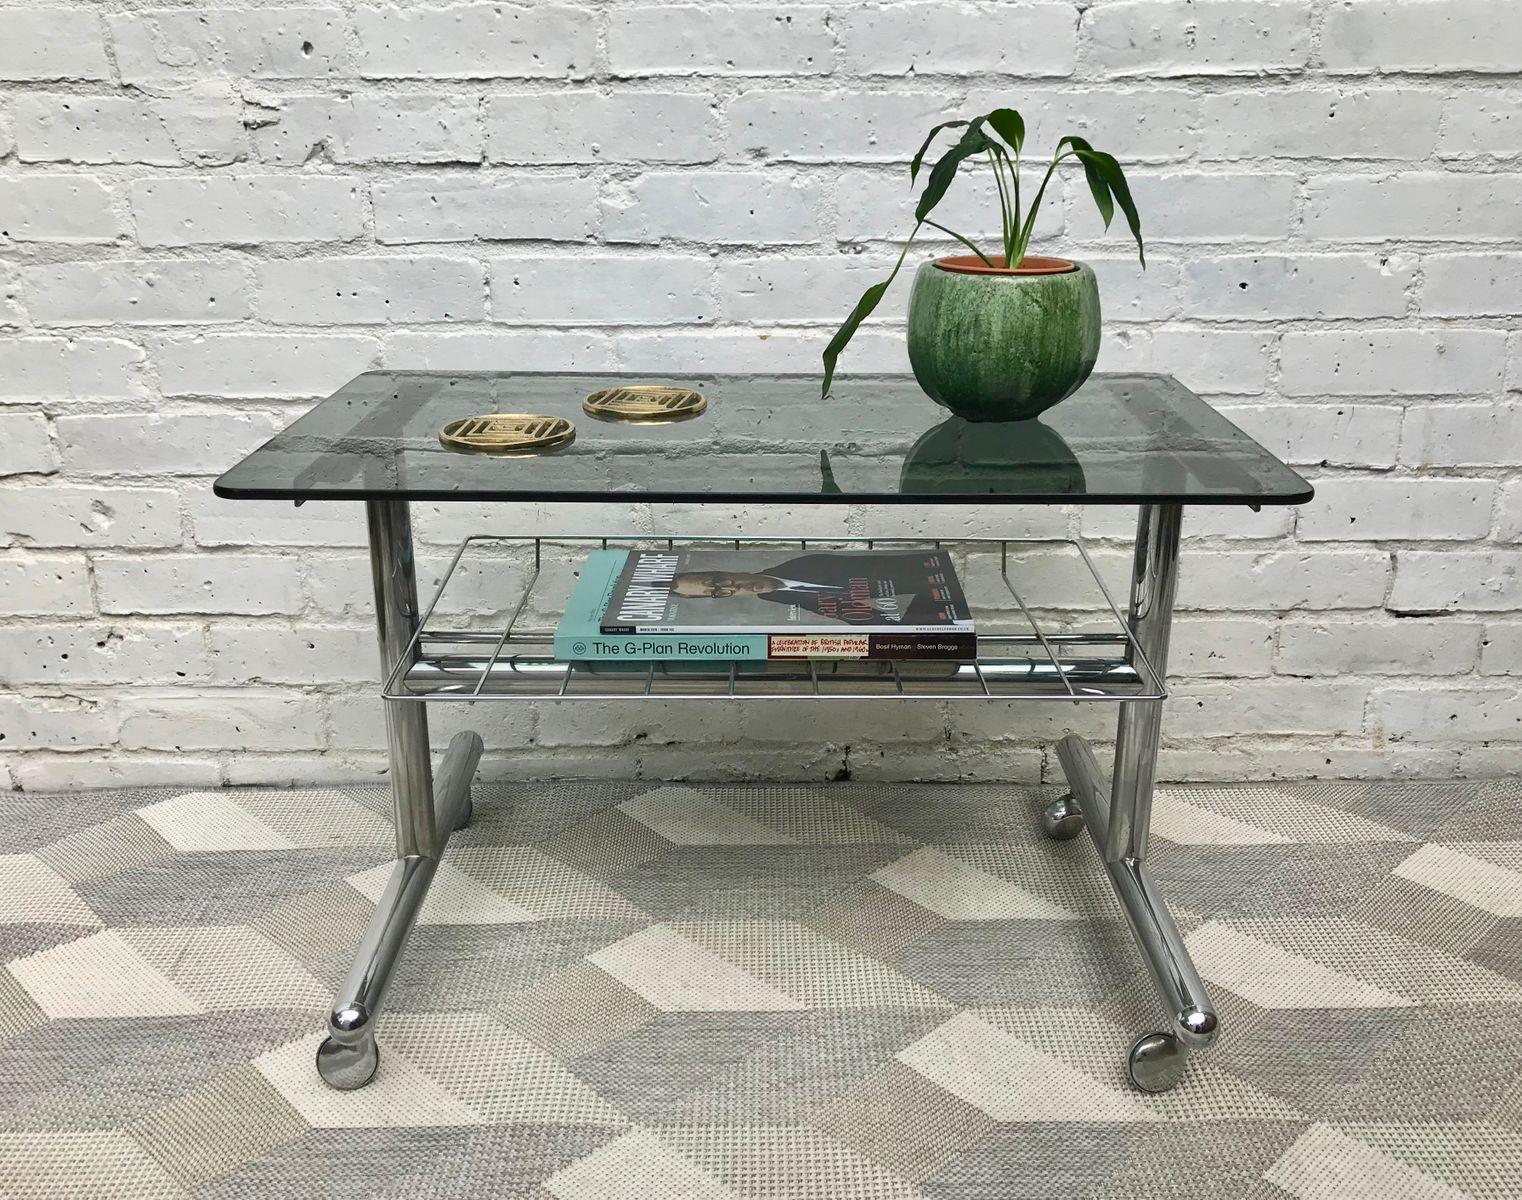 chrom rauchglas couchtisch 1970er bei pamono kaufen. Black Bedroom Furniture Sets. Home Design Ideas